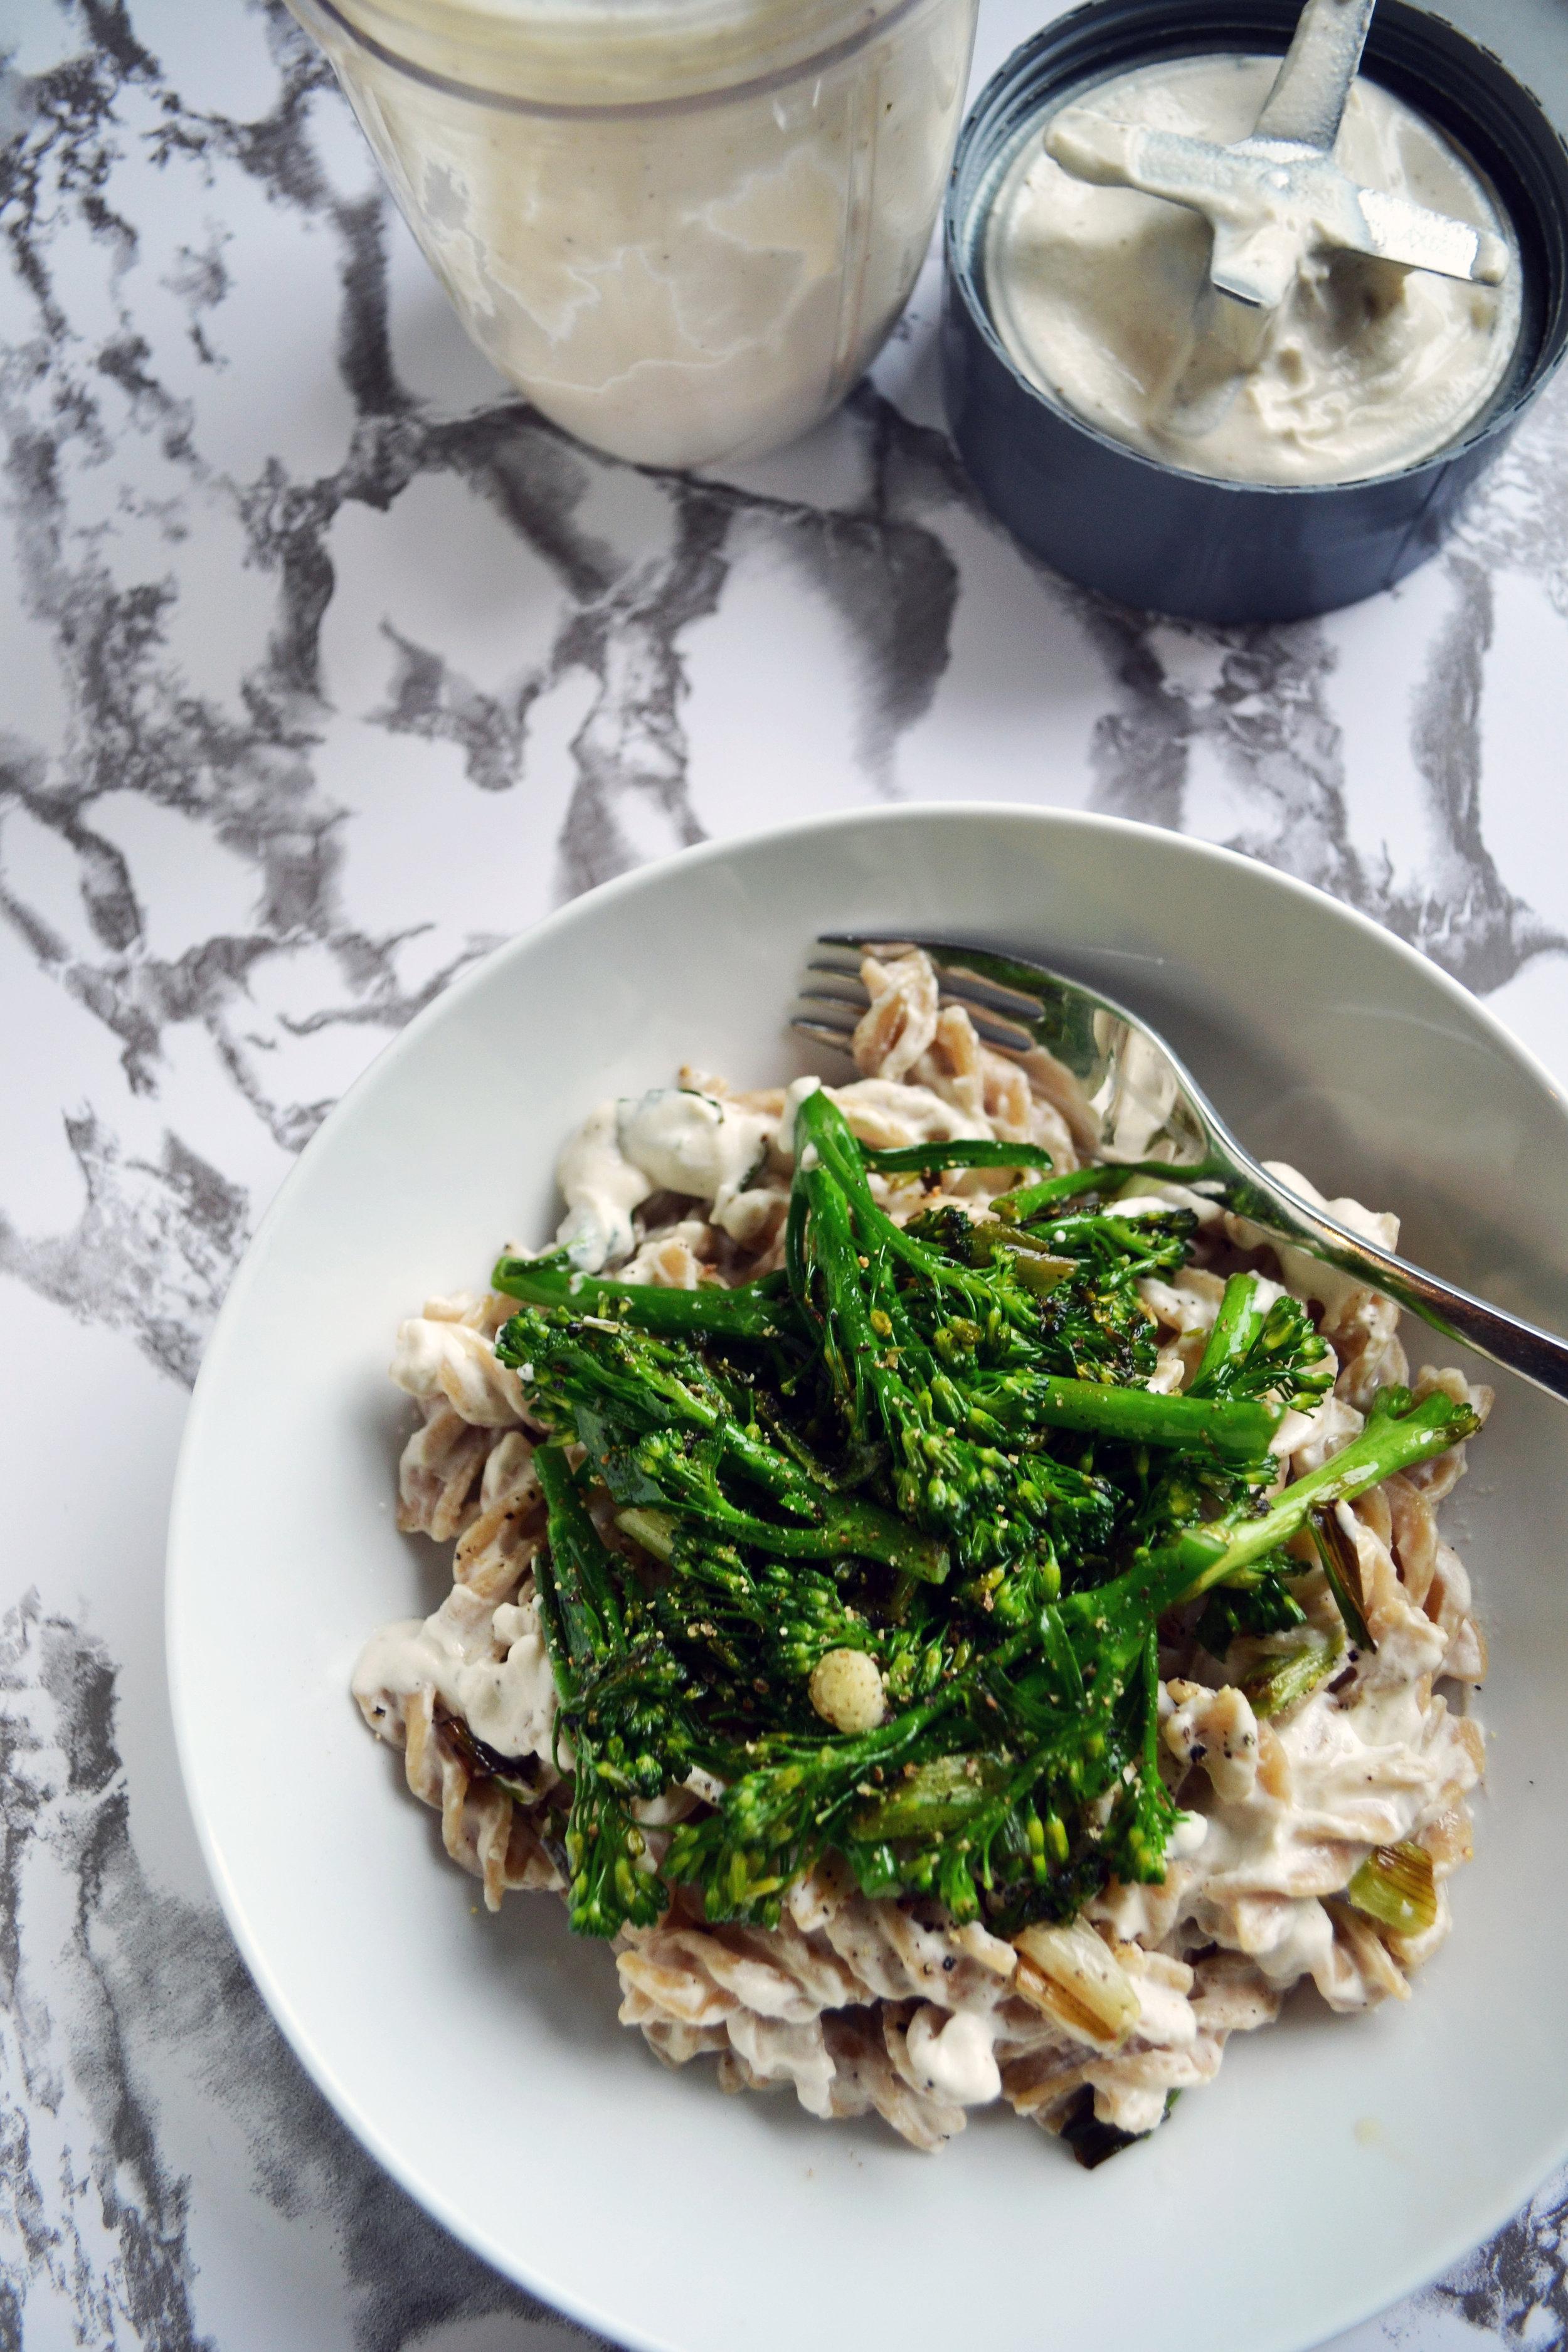 Cashew cream pasta sauce recipe | The Flourishing Pantry